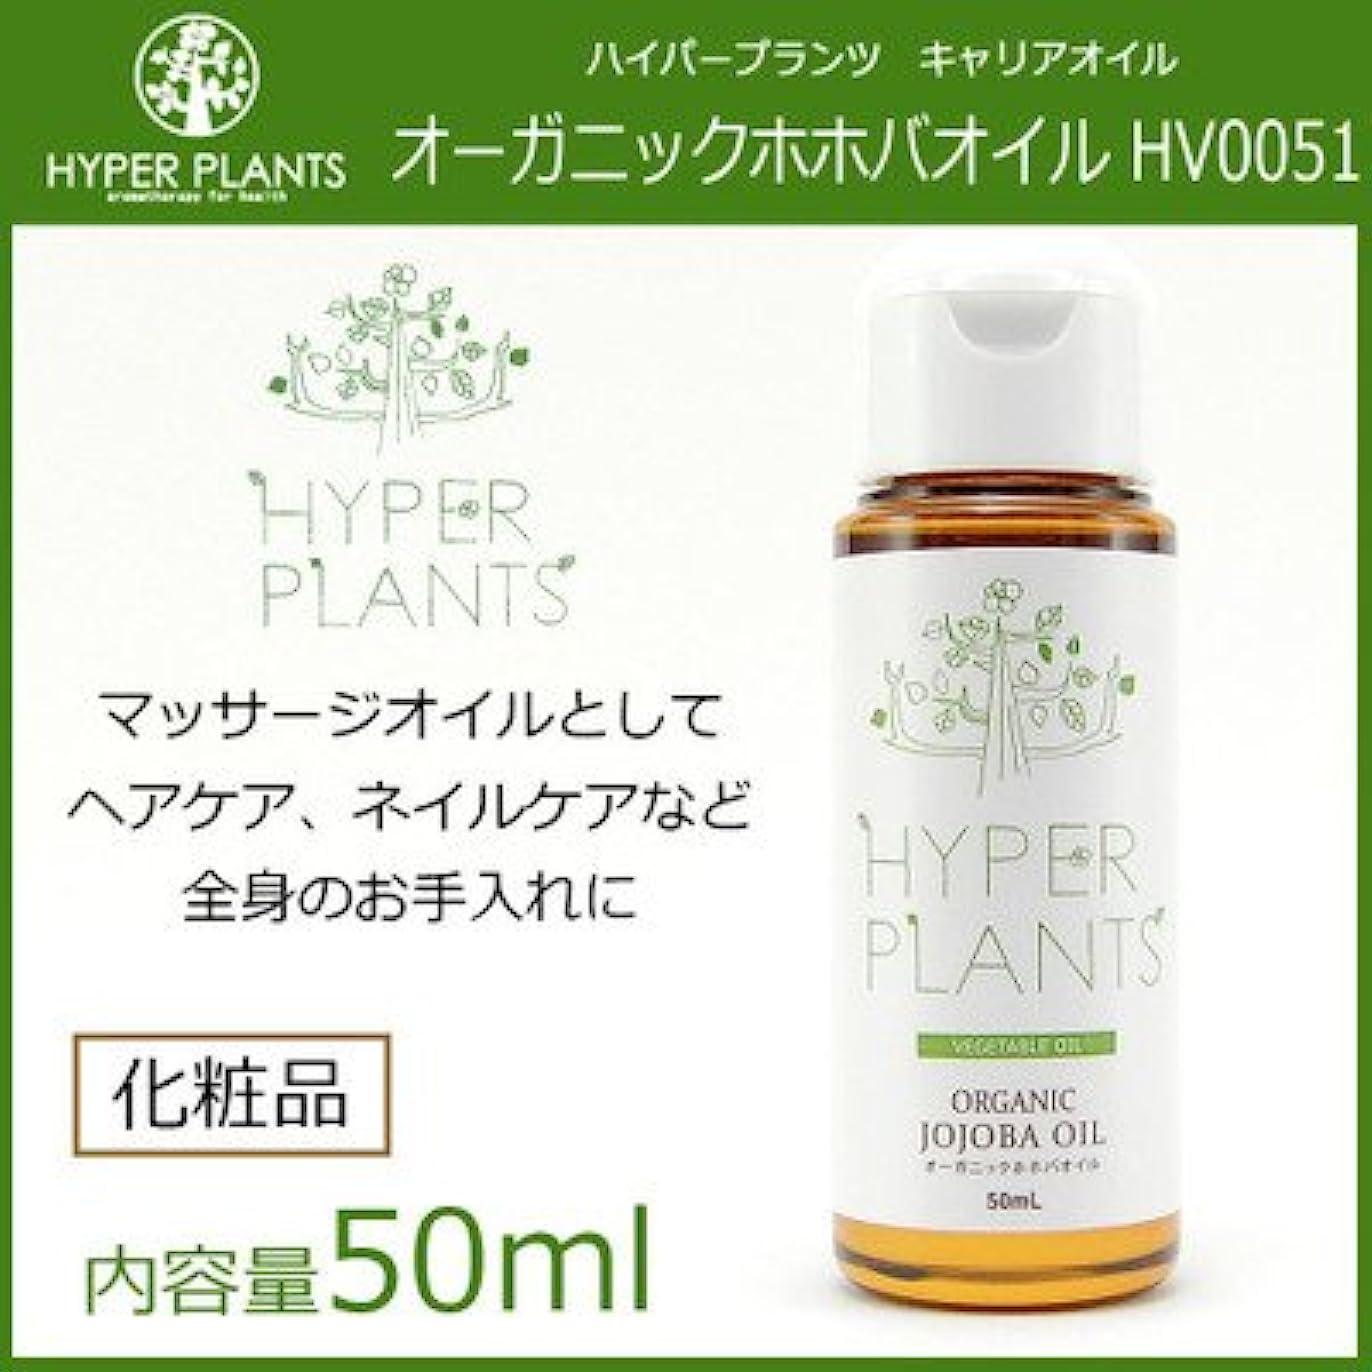 メロドラマティックきゅうり閉塞天然植物原料100%使用 肌なじみが良い定番オイル HYPER PLANTS ハイパープランツ キャリアオイル オーガニックホホバオイル 50ml HV0051